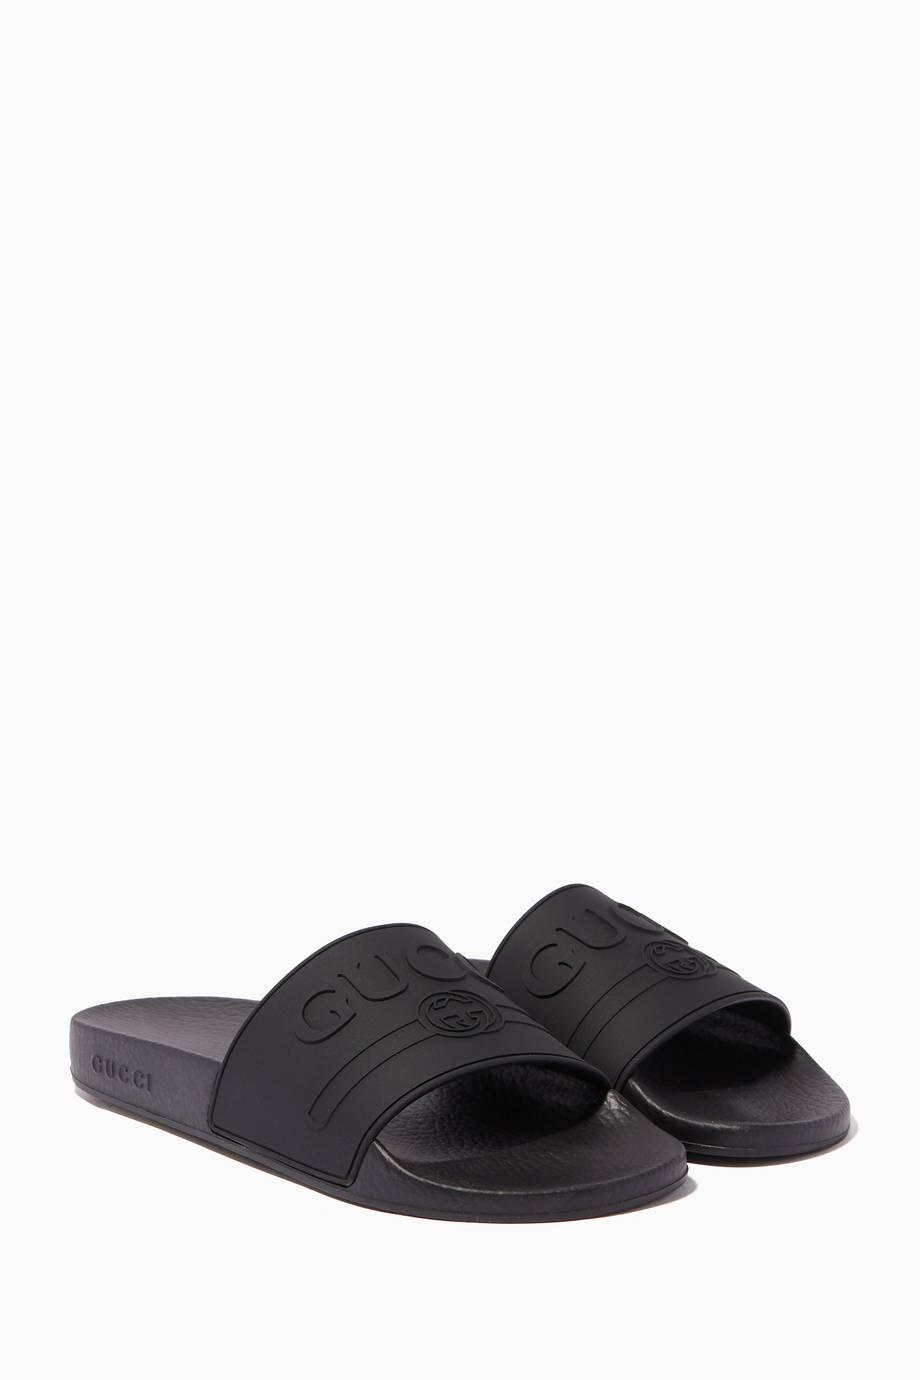 d771ef7fb68 Shop Luxury Gucci Black Logo Rubber Slide Sandals